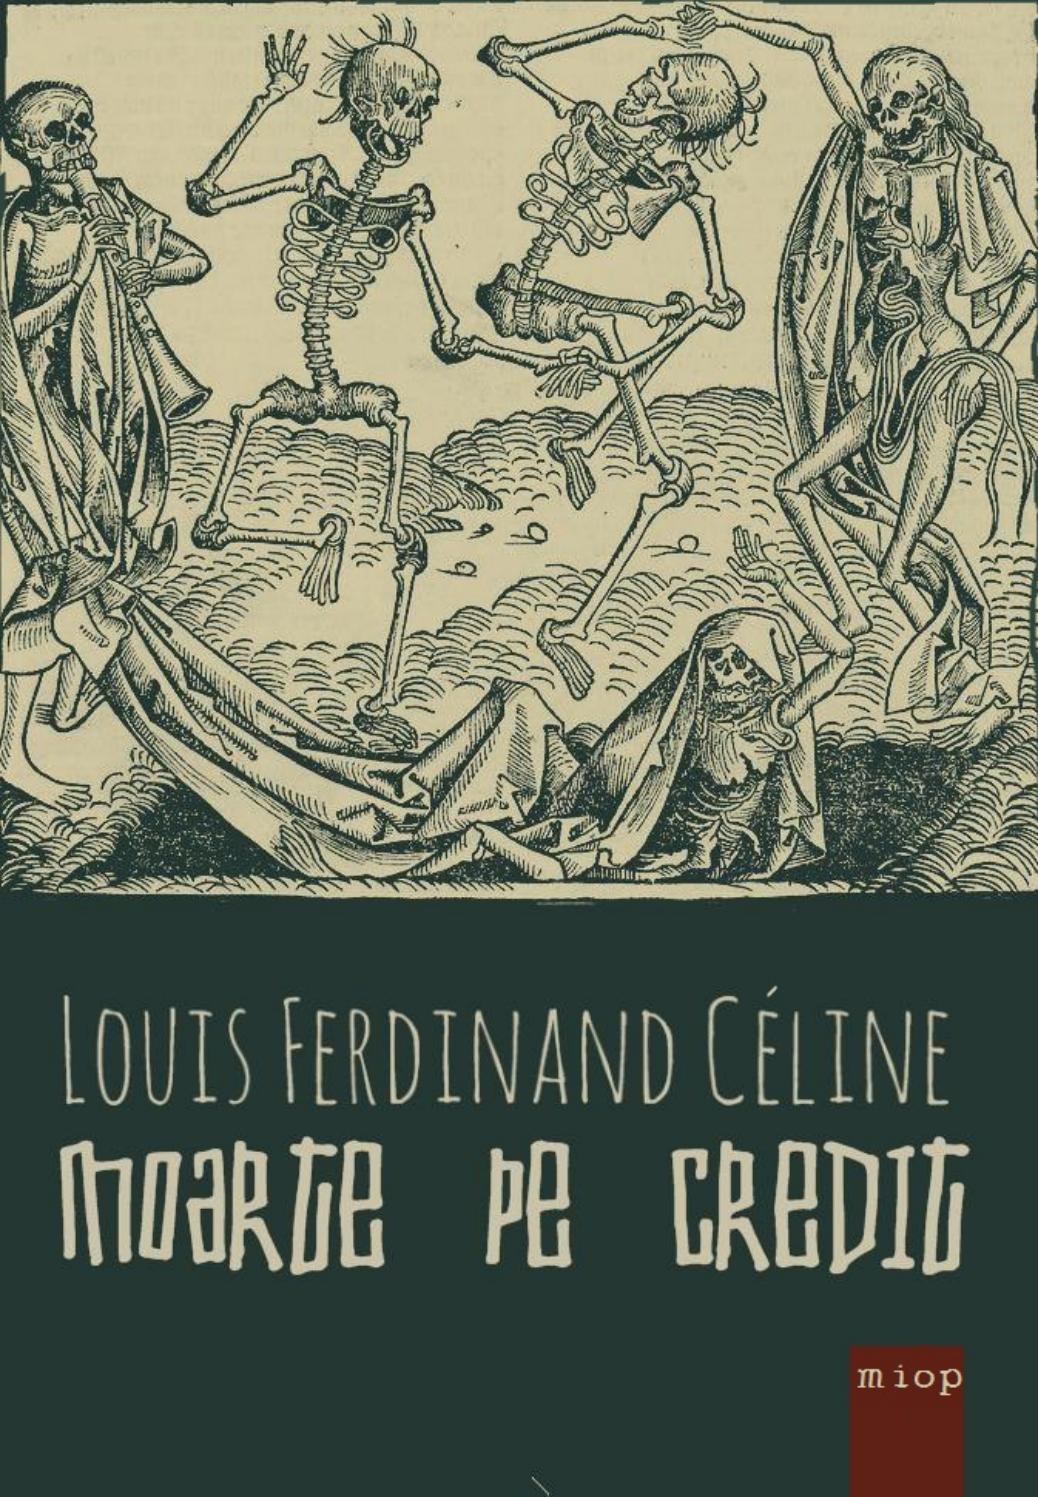 Louis ferinand celine moarte pe credit online